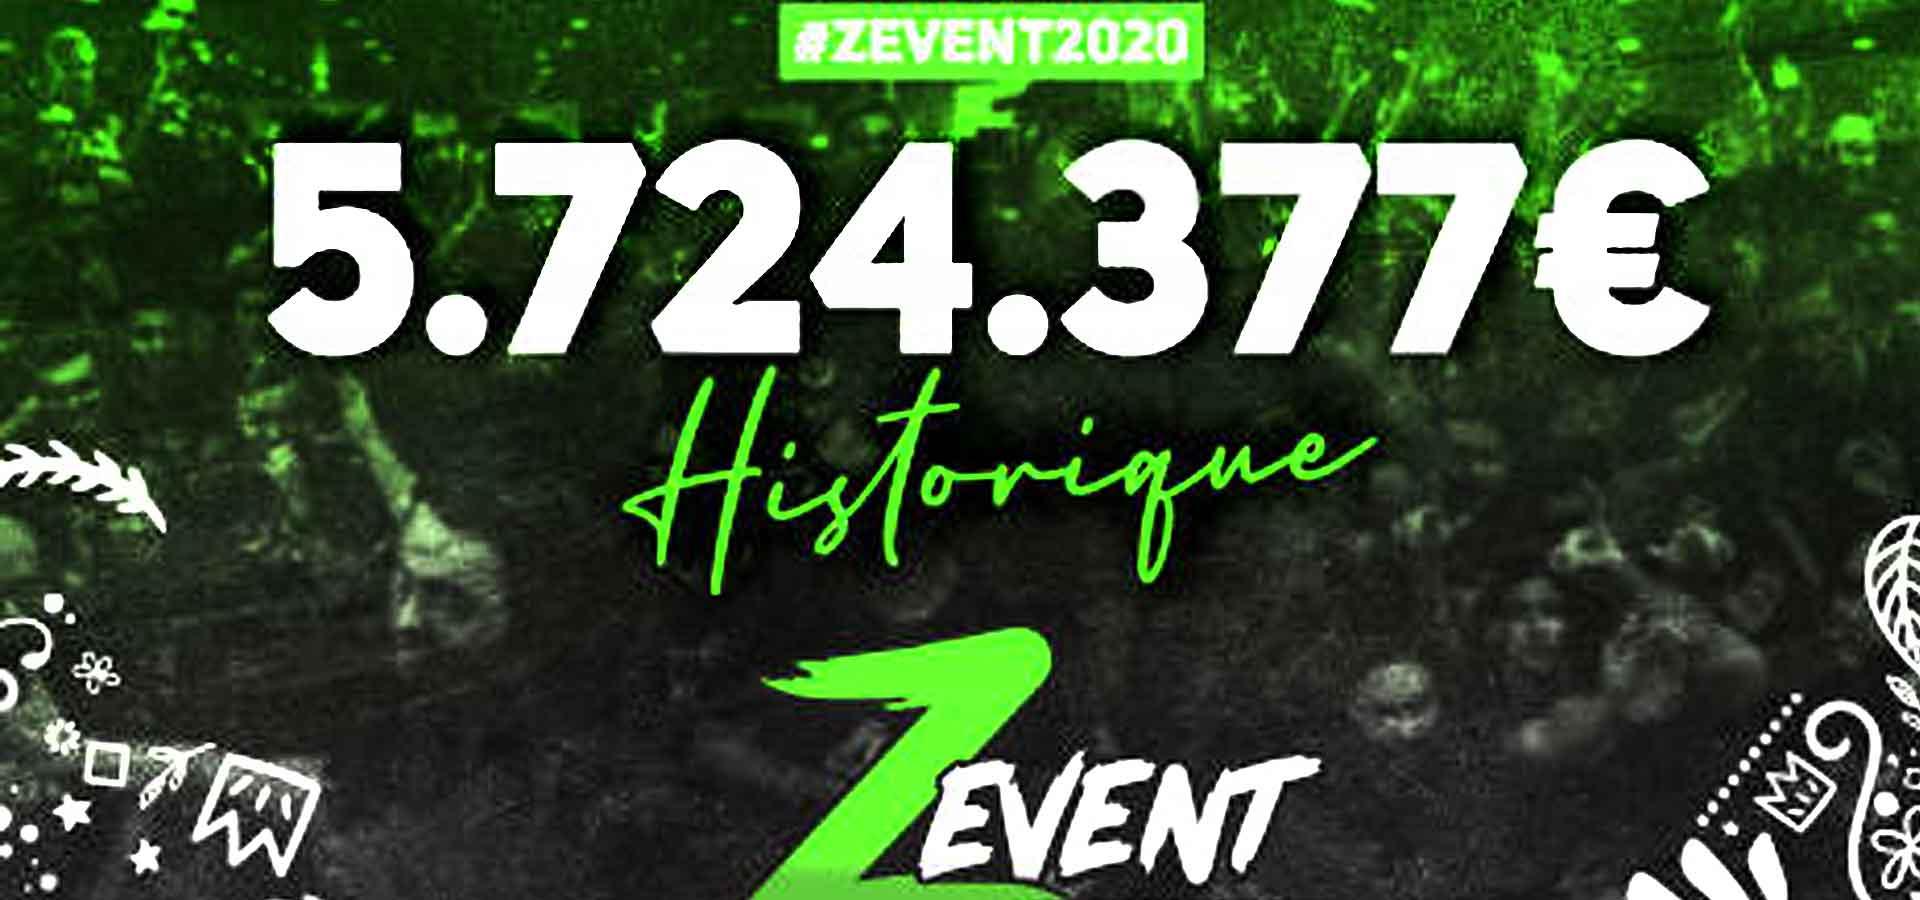 Le Z Event 2020 : un succès record